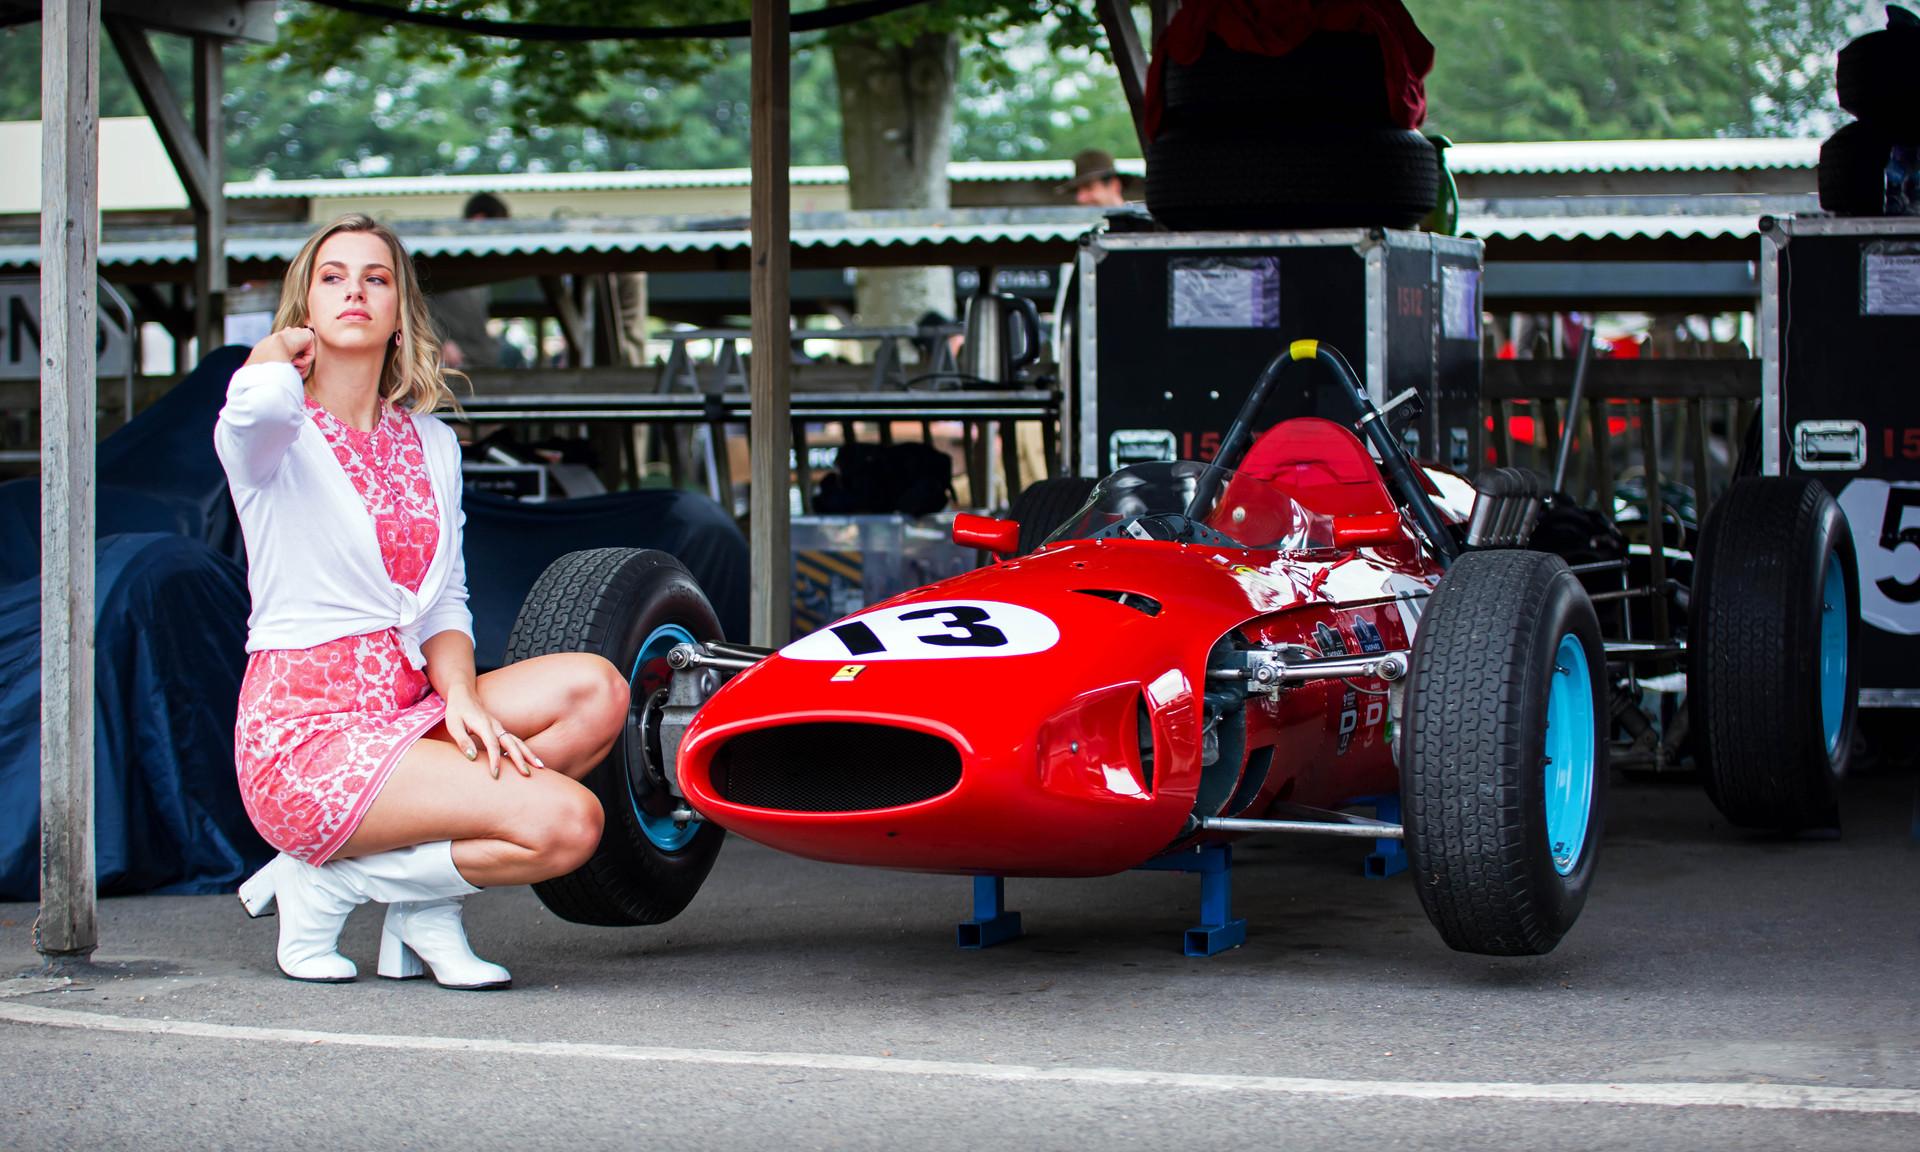 Lawrence Auriana & Joe Calasacco's 1965 Ferrari 1512